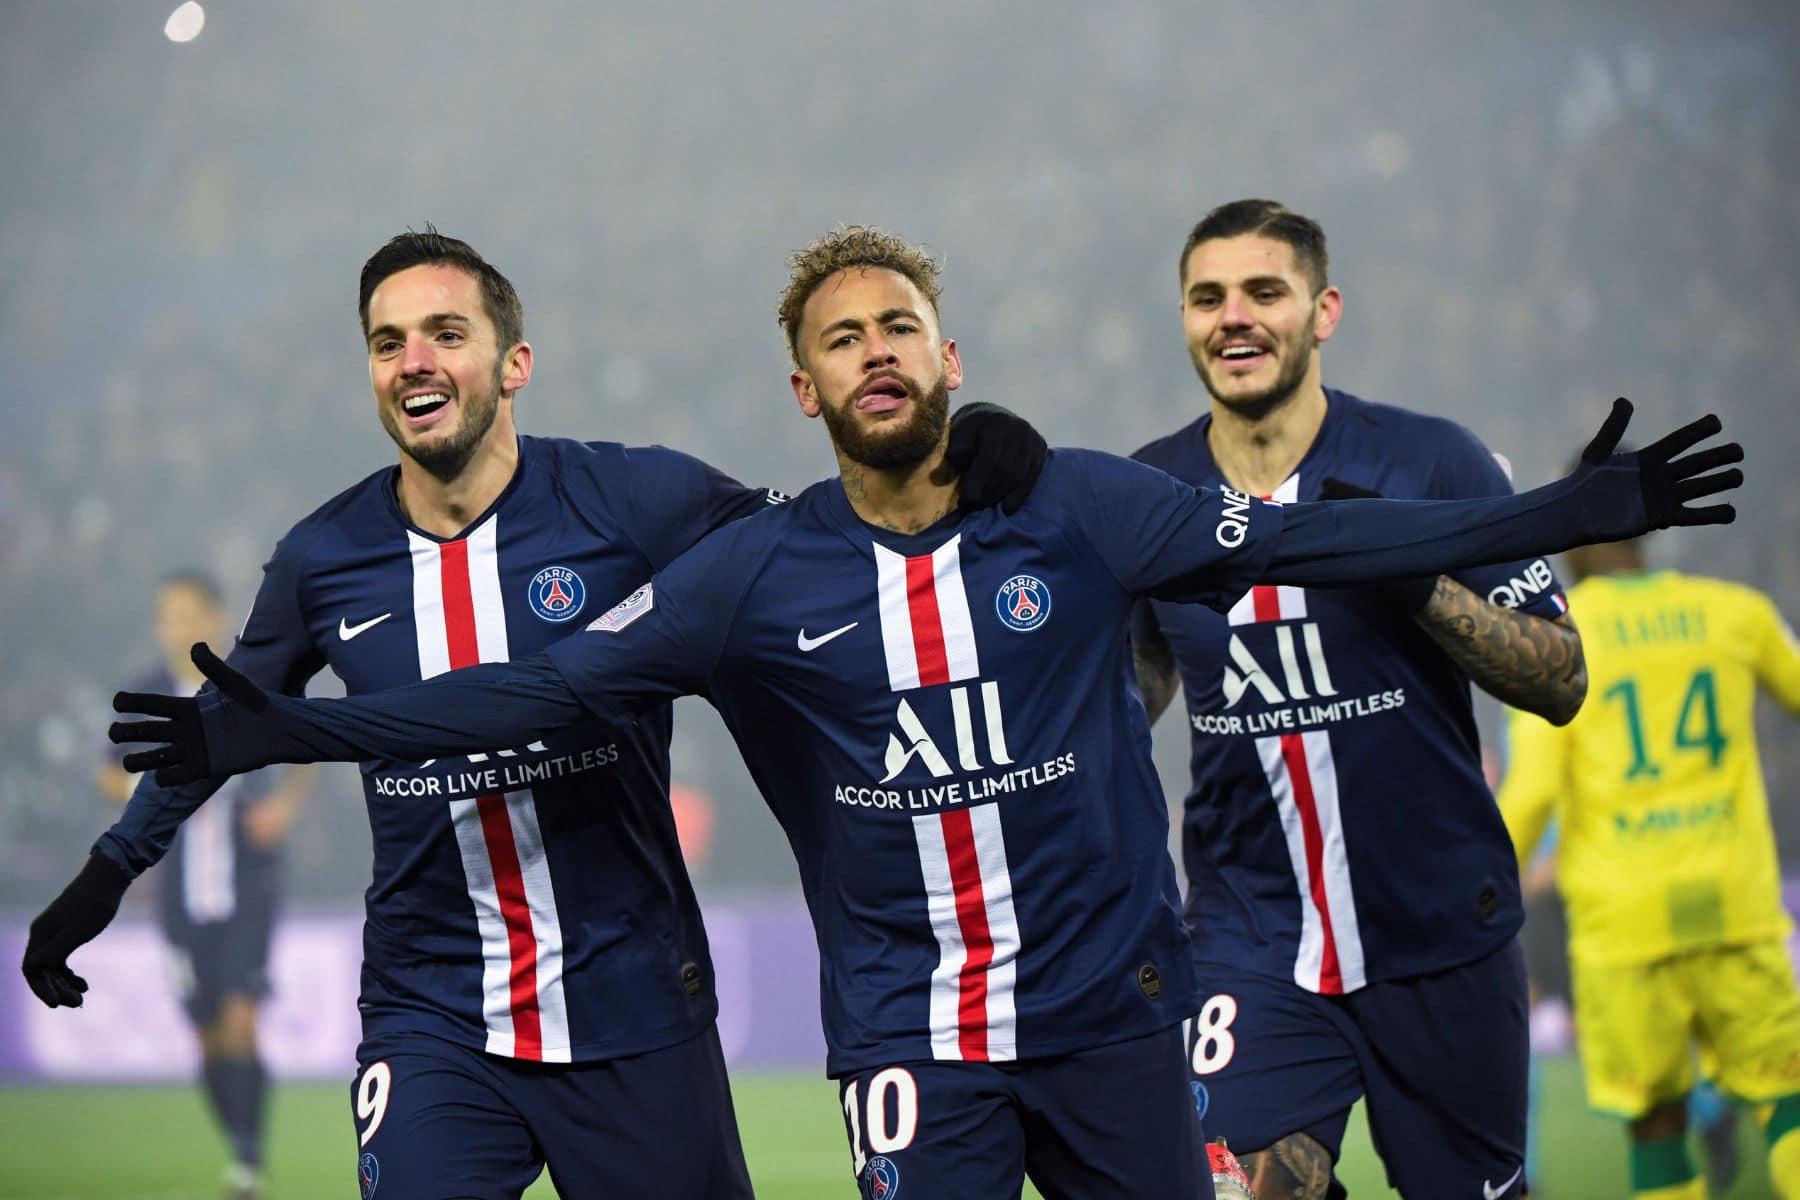 موعد مباراة باريس سان جيرمان وليبزيج اليوم في نصف نهائي الأبطال